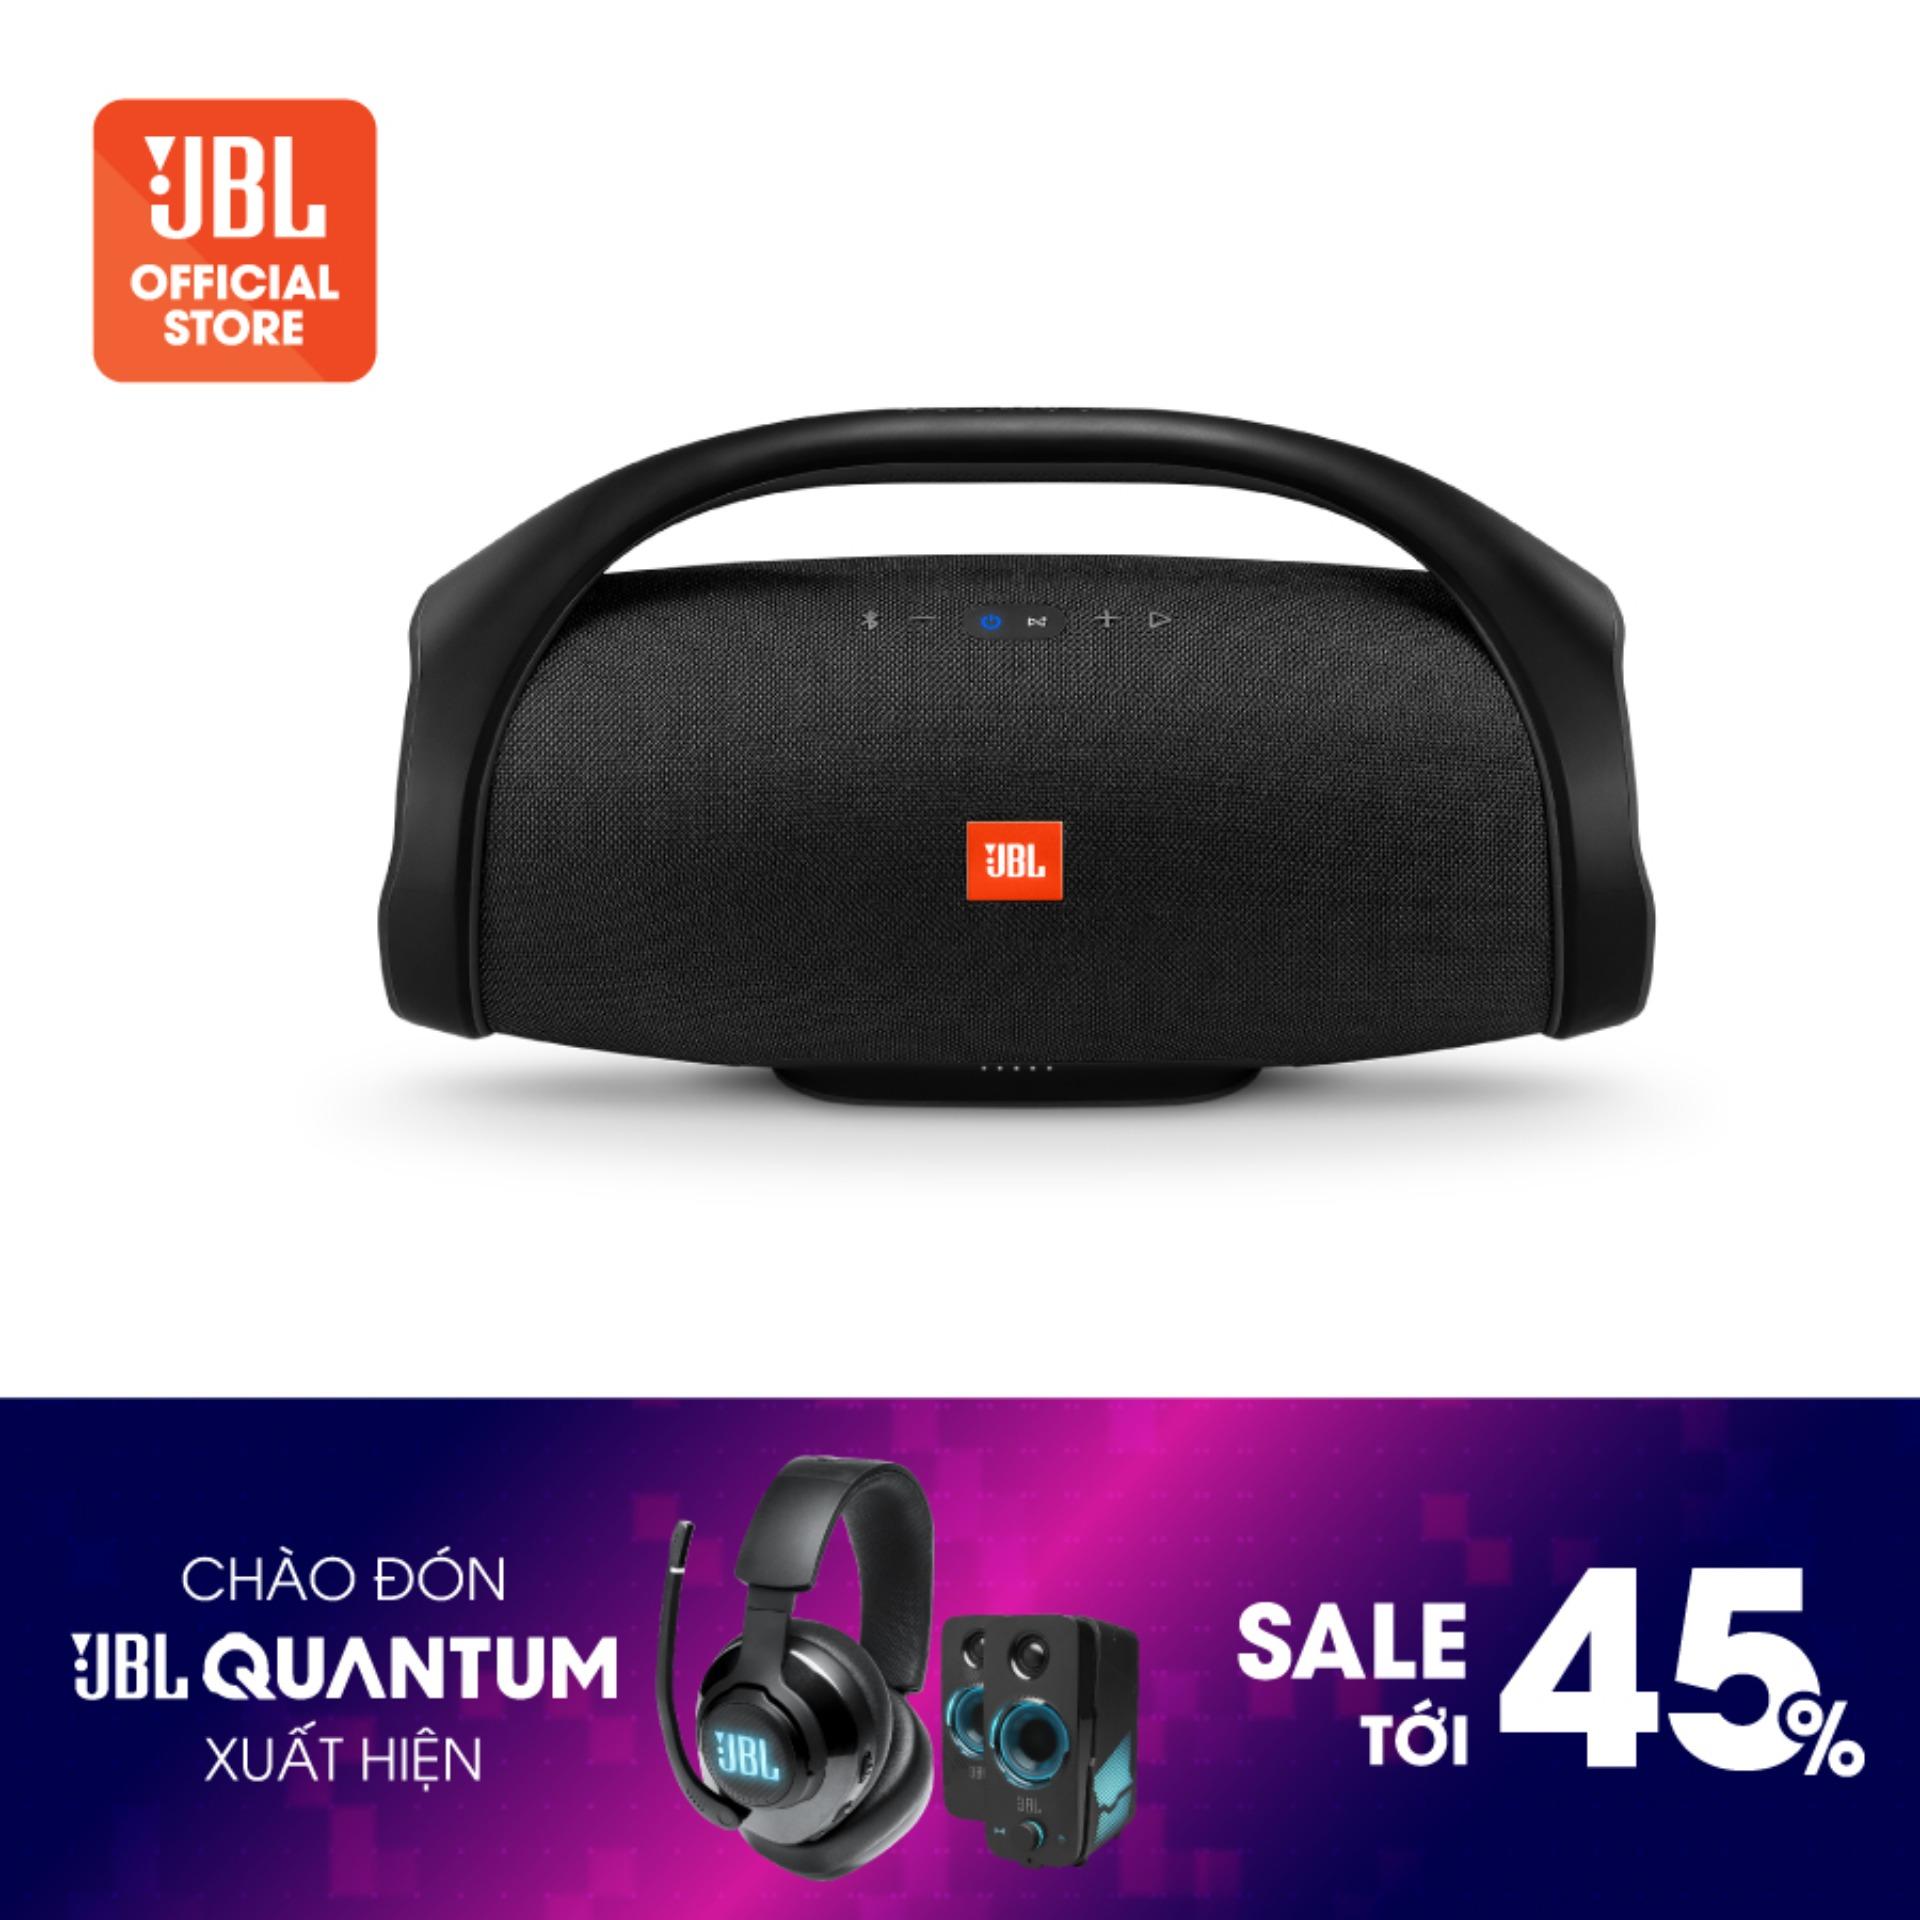 Voucher Ưu Đãi Loa Bluetooth JBL BOOMBOX - Hàng Chính Hãng